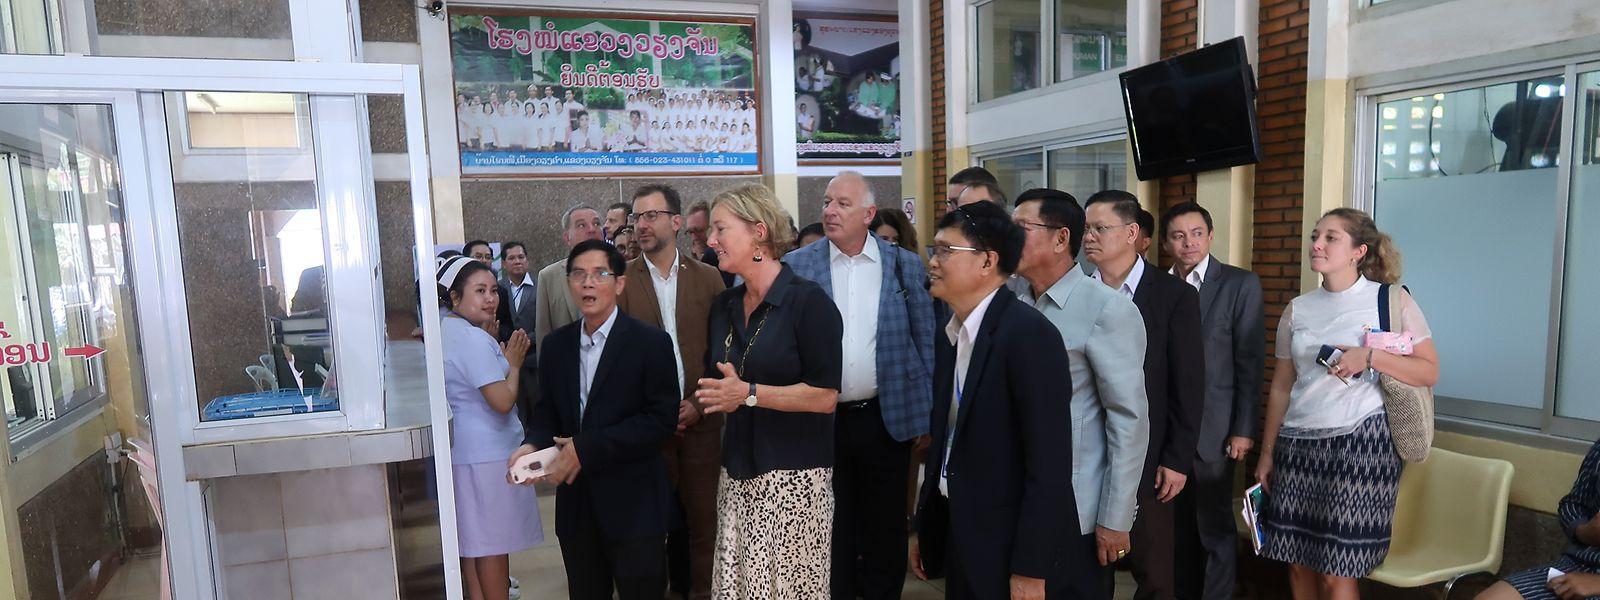 Paulette Lenert (LSAP), Ministerin für Entwicklungszusammenarbeit, erhält im Krankenhaus Maria Teresa Erklärungen zur Funktionsweise der medizinischen Einrichtung.